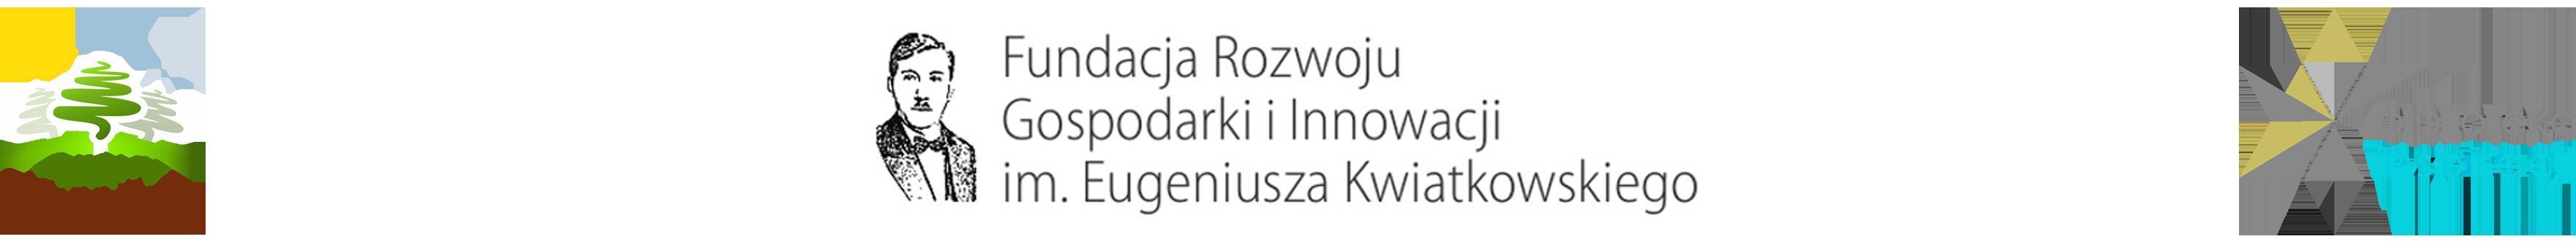 Grafika przedstawia logotyp Gminy Wyryki, Fundacji Rozwoju Gospodarki i Innowacji im. Eugeniusza Kwiatkowskiego oraz Gminnej bilioteki Publicznej w Wyrykach